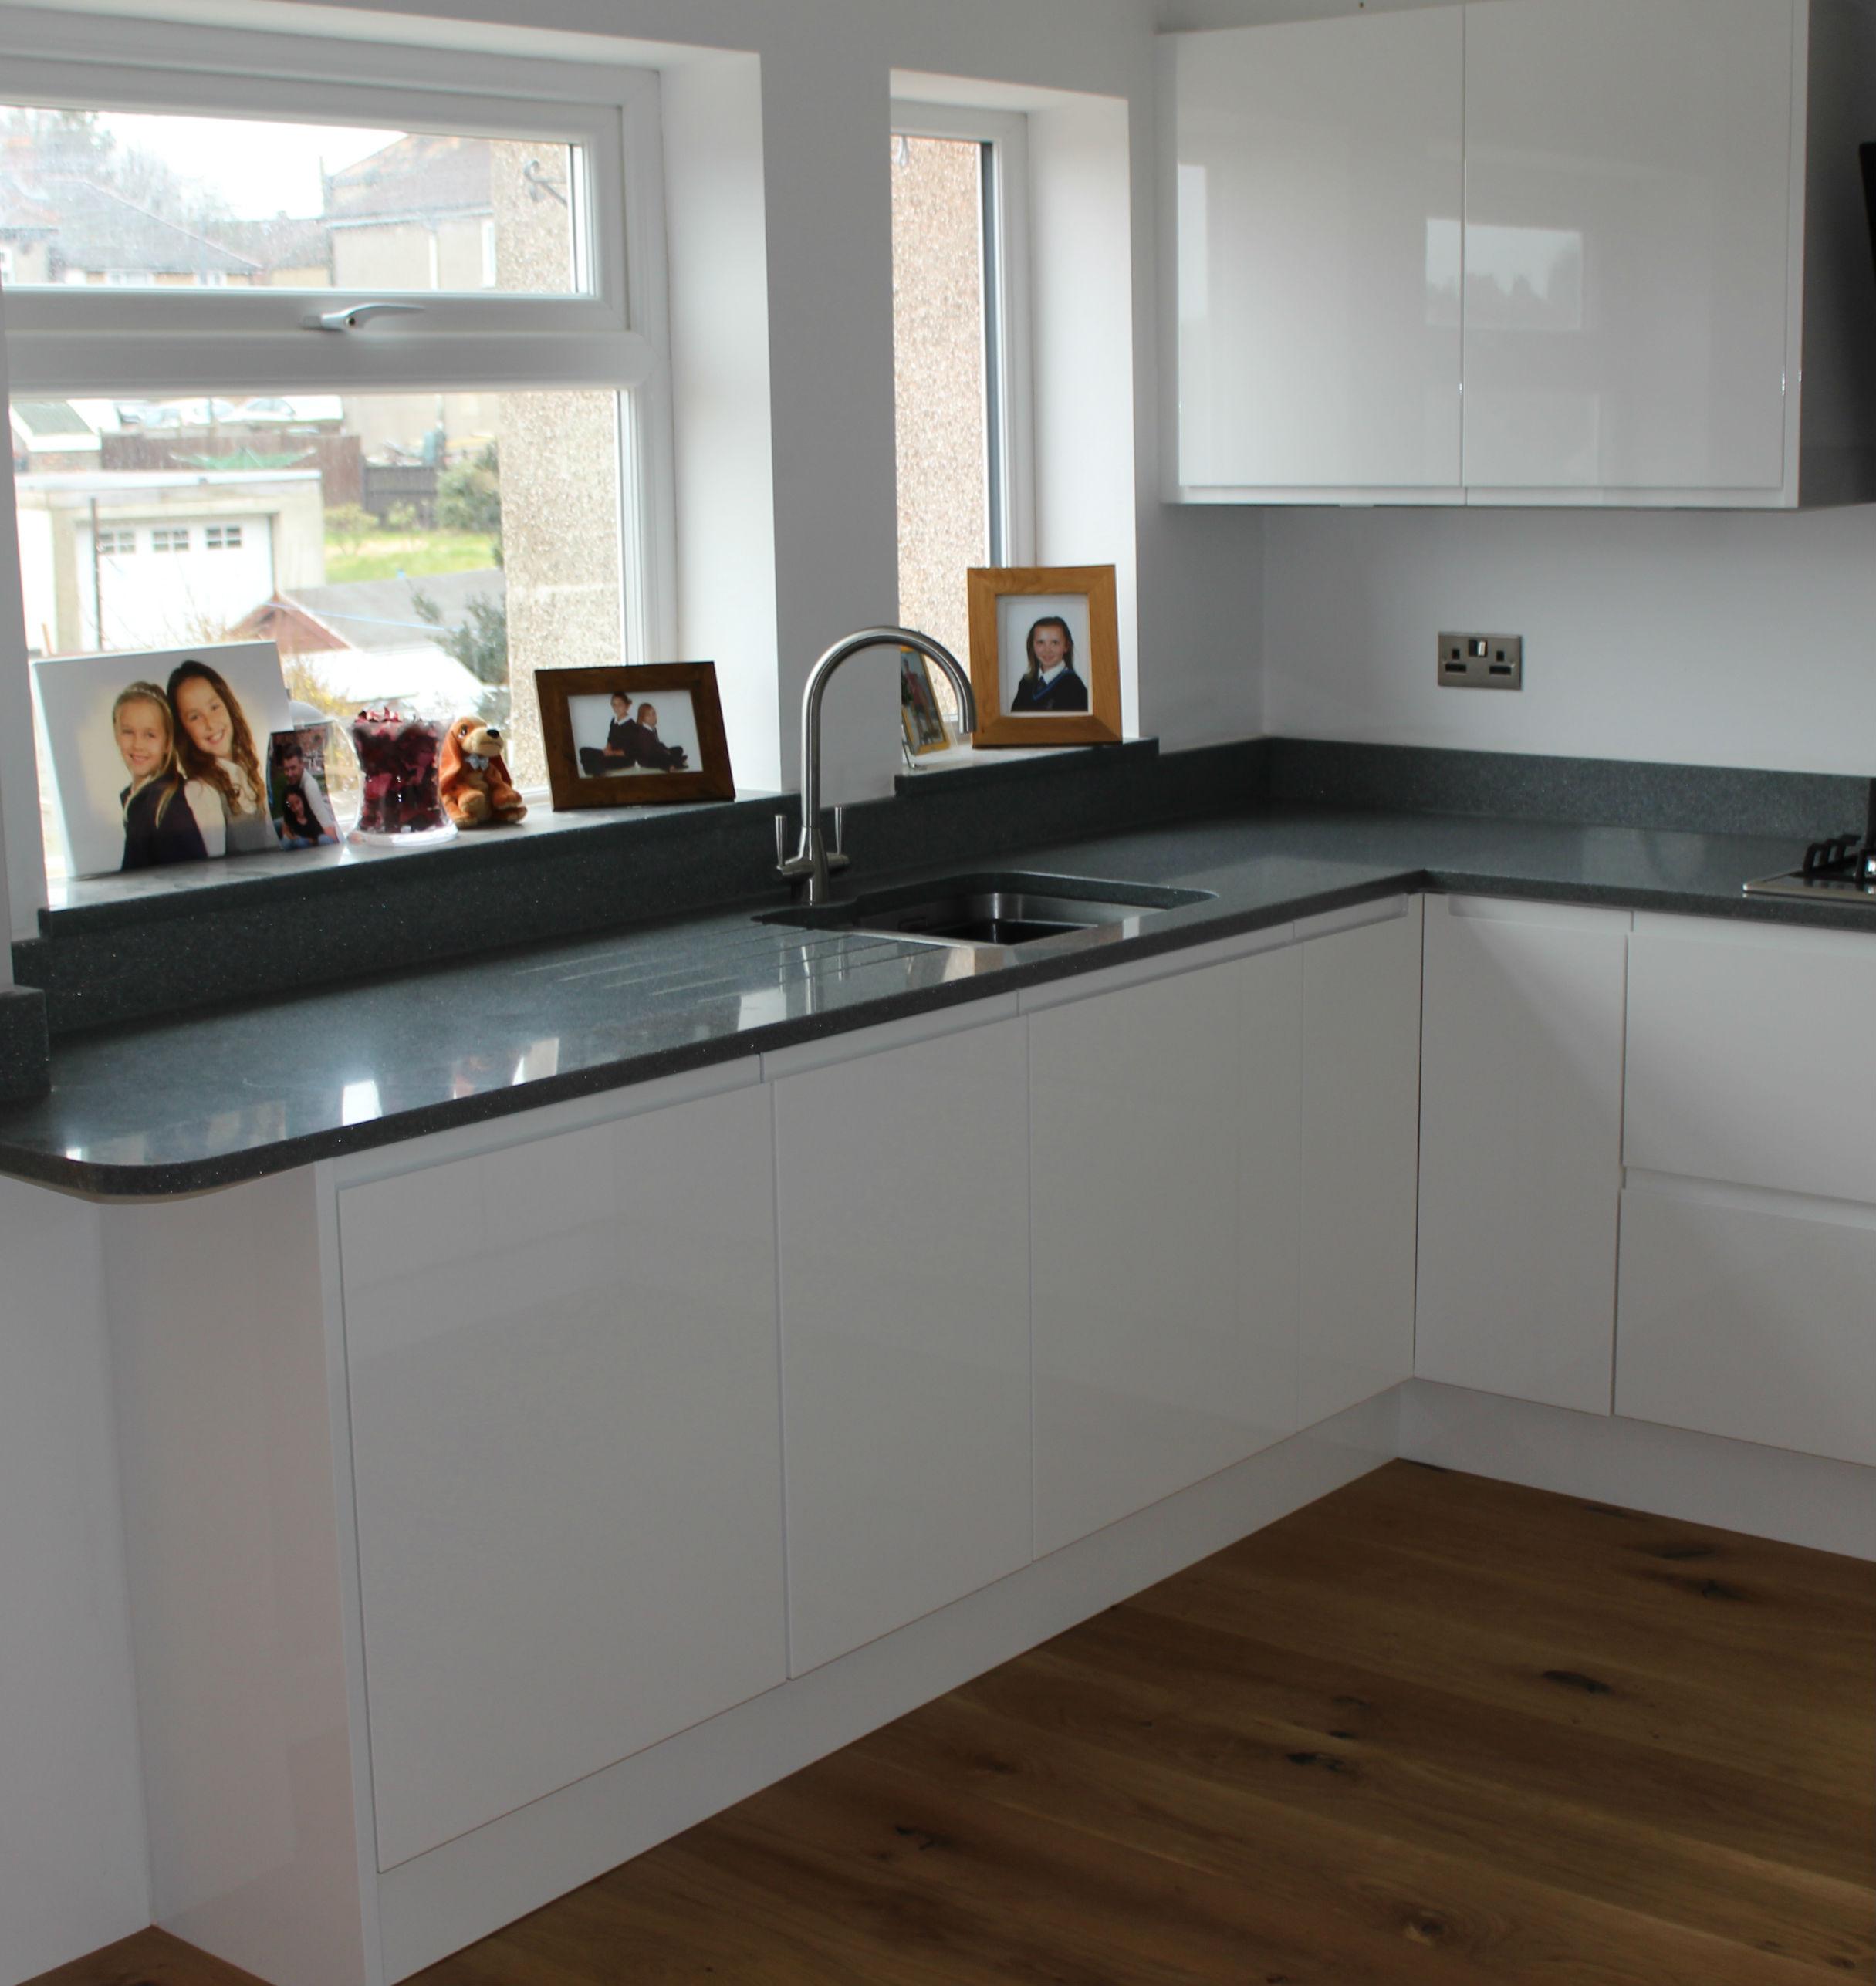 Fitted Kitchen Kitchen Design Specialists: Bespoke Kitchen Design And